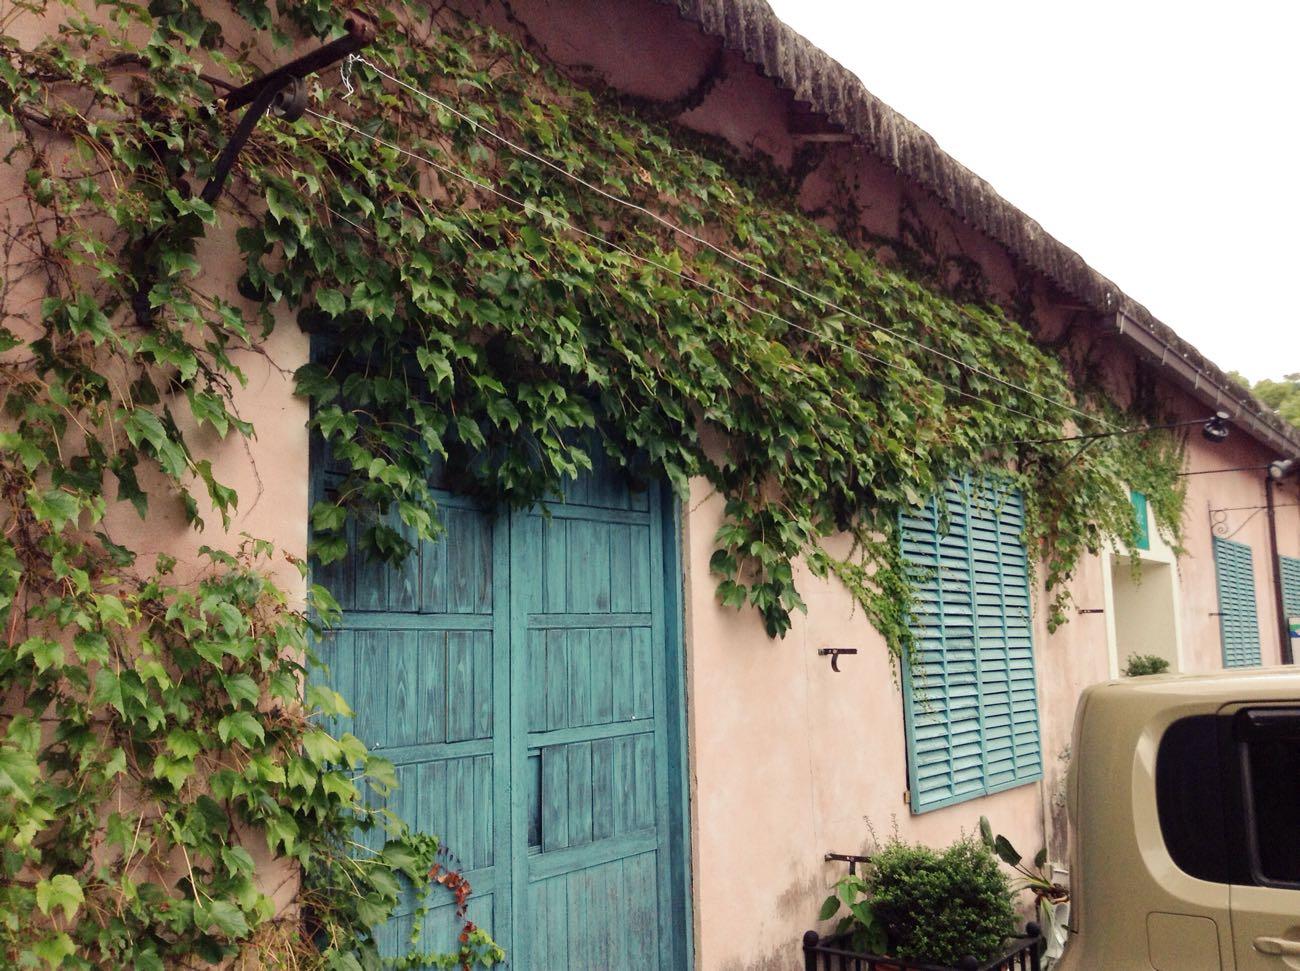 ツタと壁とドアの絶妙なハーモニー